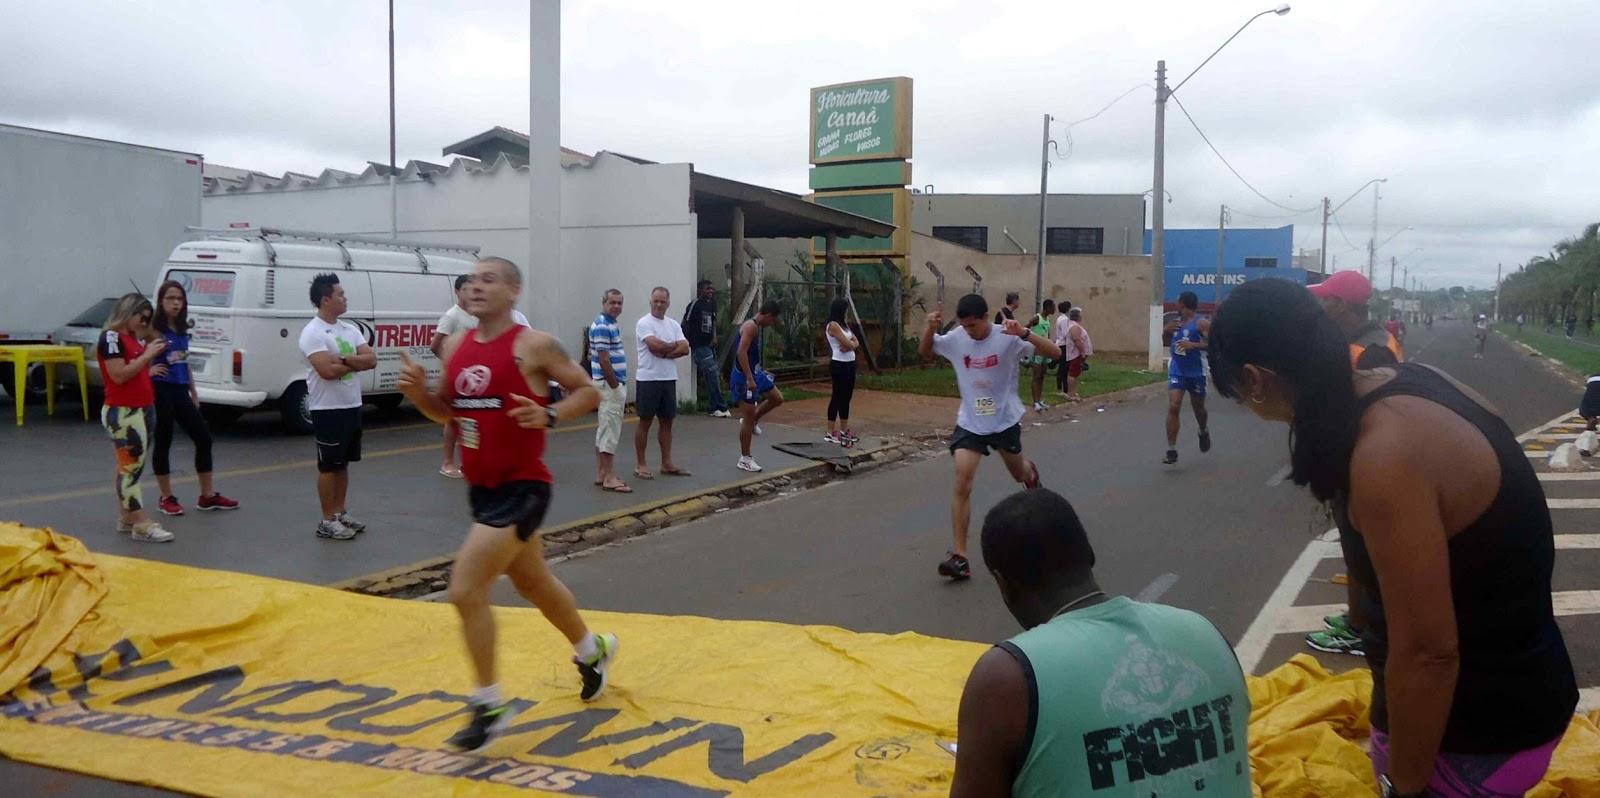 Foto 91 da 1ª Corrida Av. dos Coqueiros em Barretos-SP 14/04/2013 – Atletas cruzando a linha de chegada